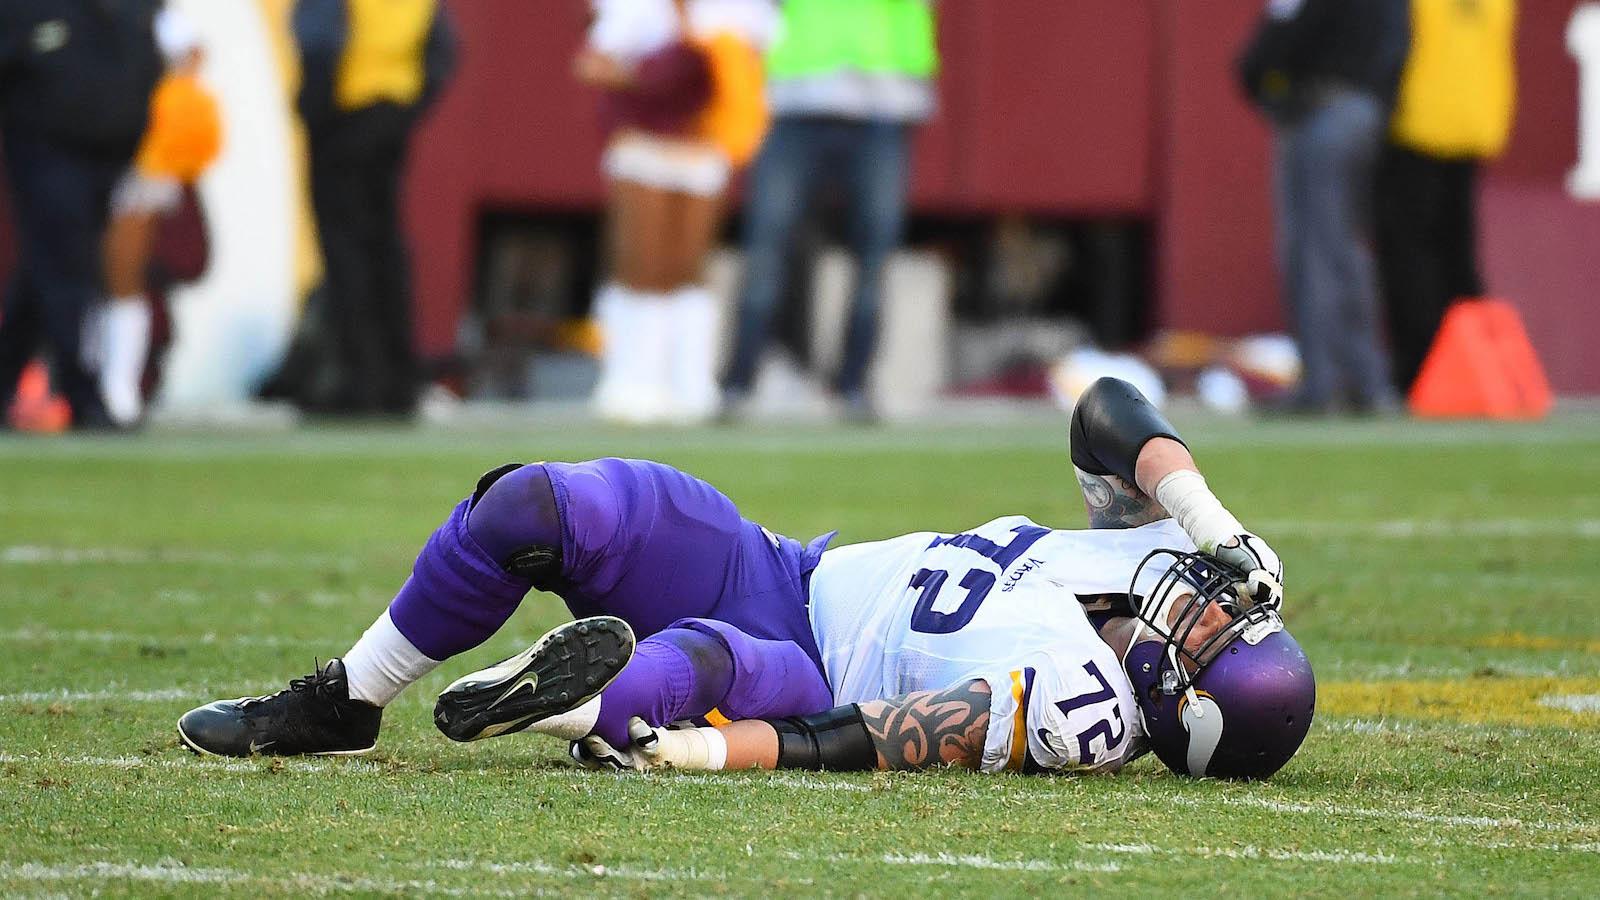 Vikings lose starting LT Jake Long to season-ending Achilles injury